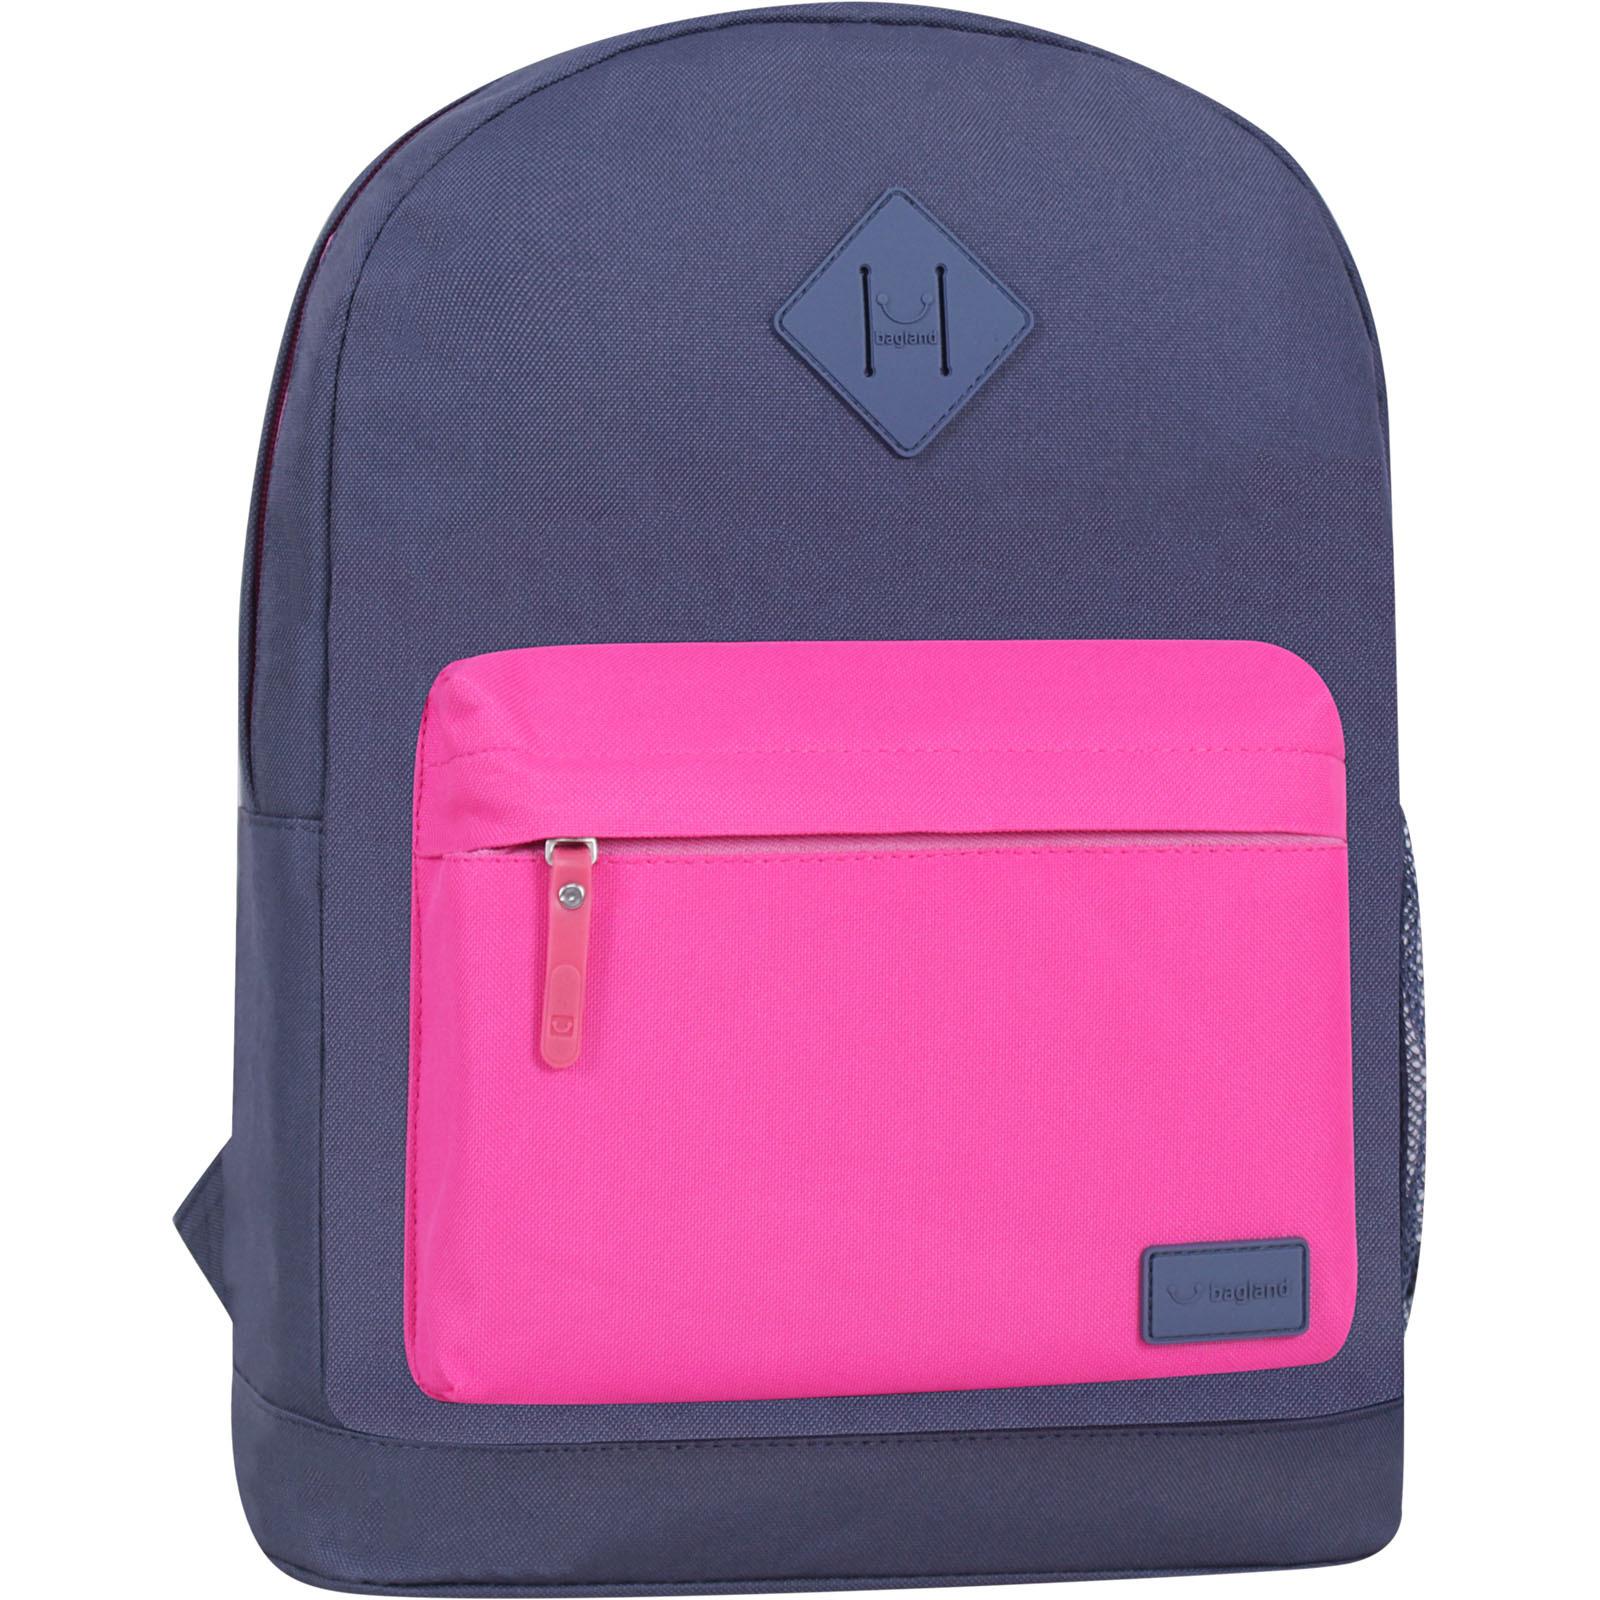 Городские рюкзаки Рюкзак Bagland Молодежный W/R 17 л. Серый/розовый (00533662) IMG_9345-1600.jpg